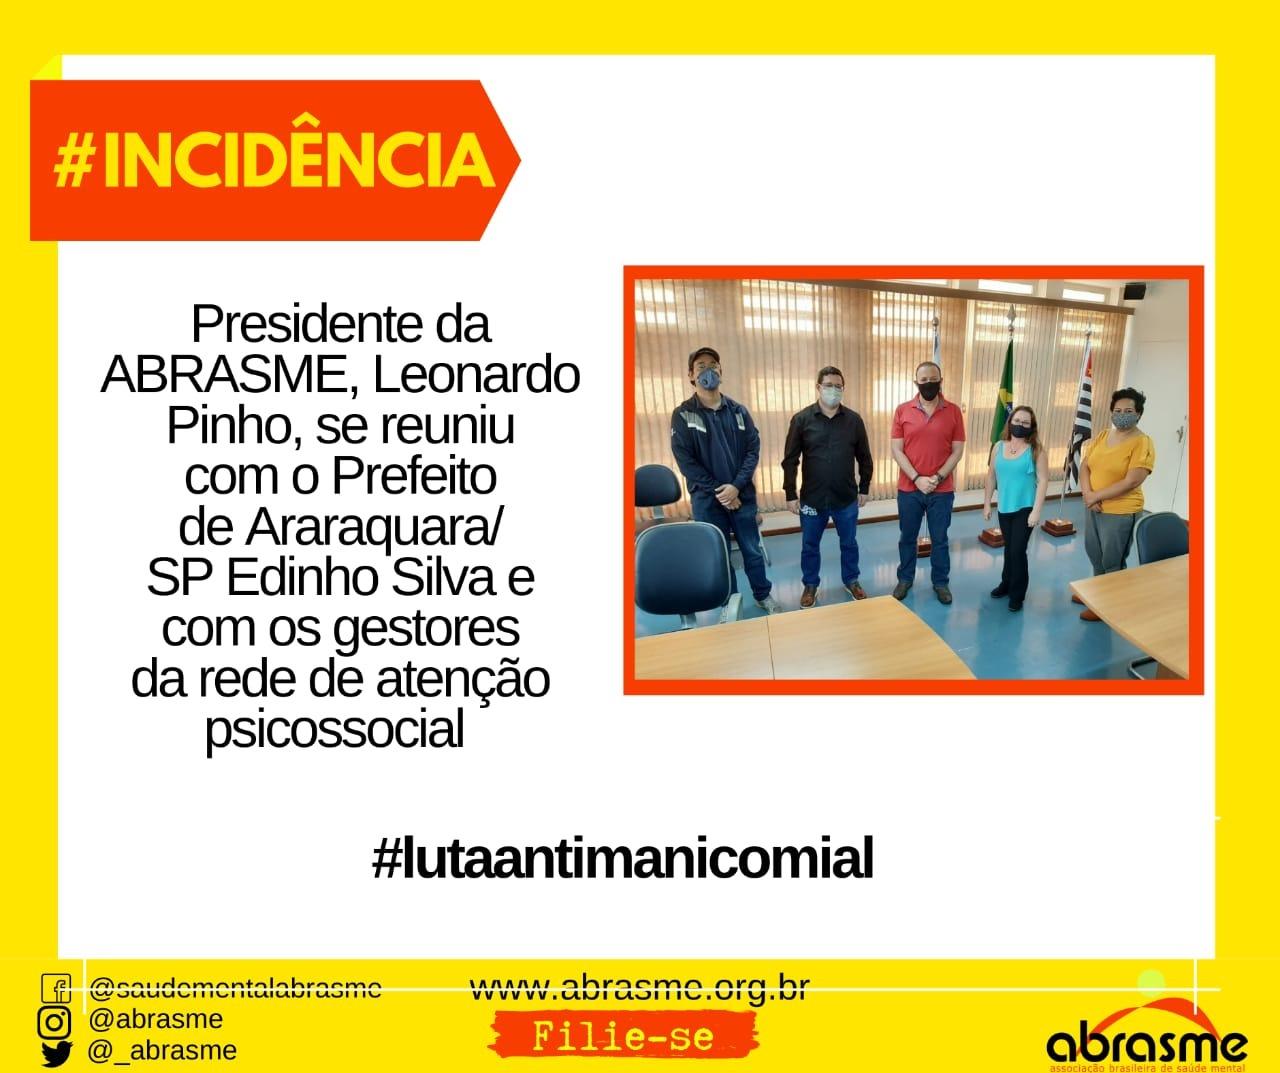 Presidente da ABRASME se reuniu com Prefeito de Araraquara/SP e com gestores da RAPS